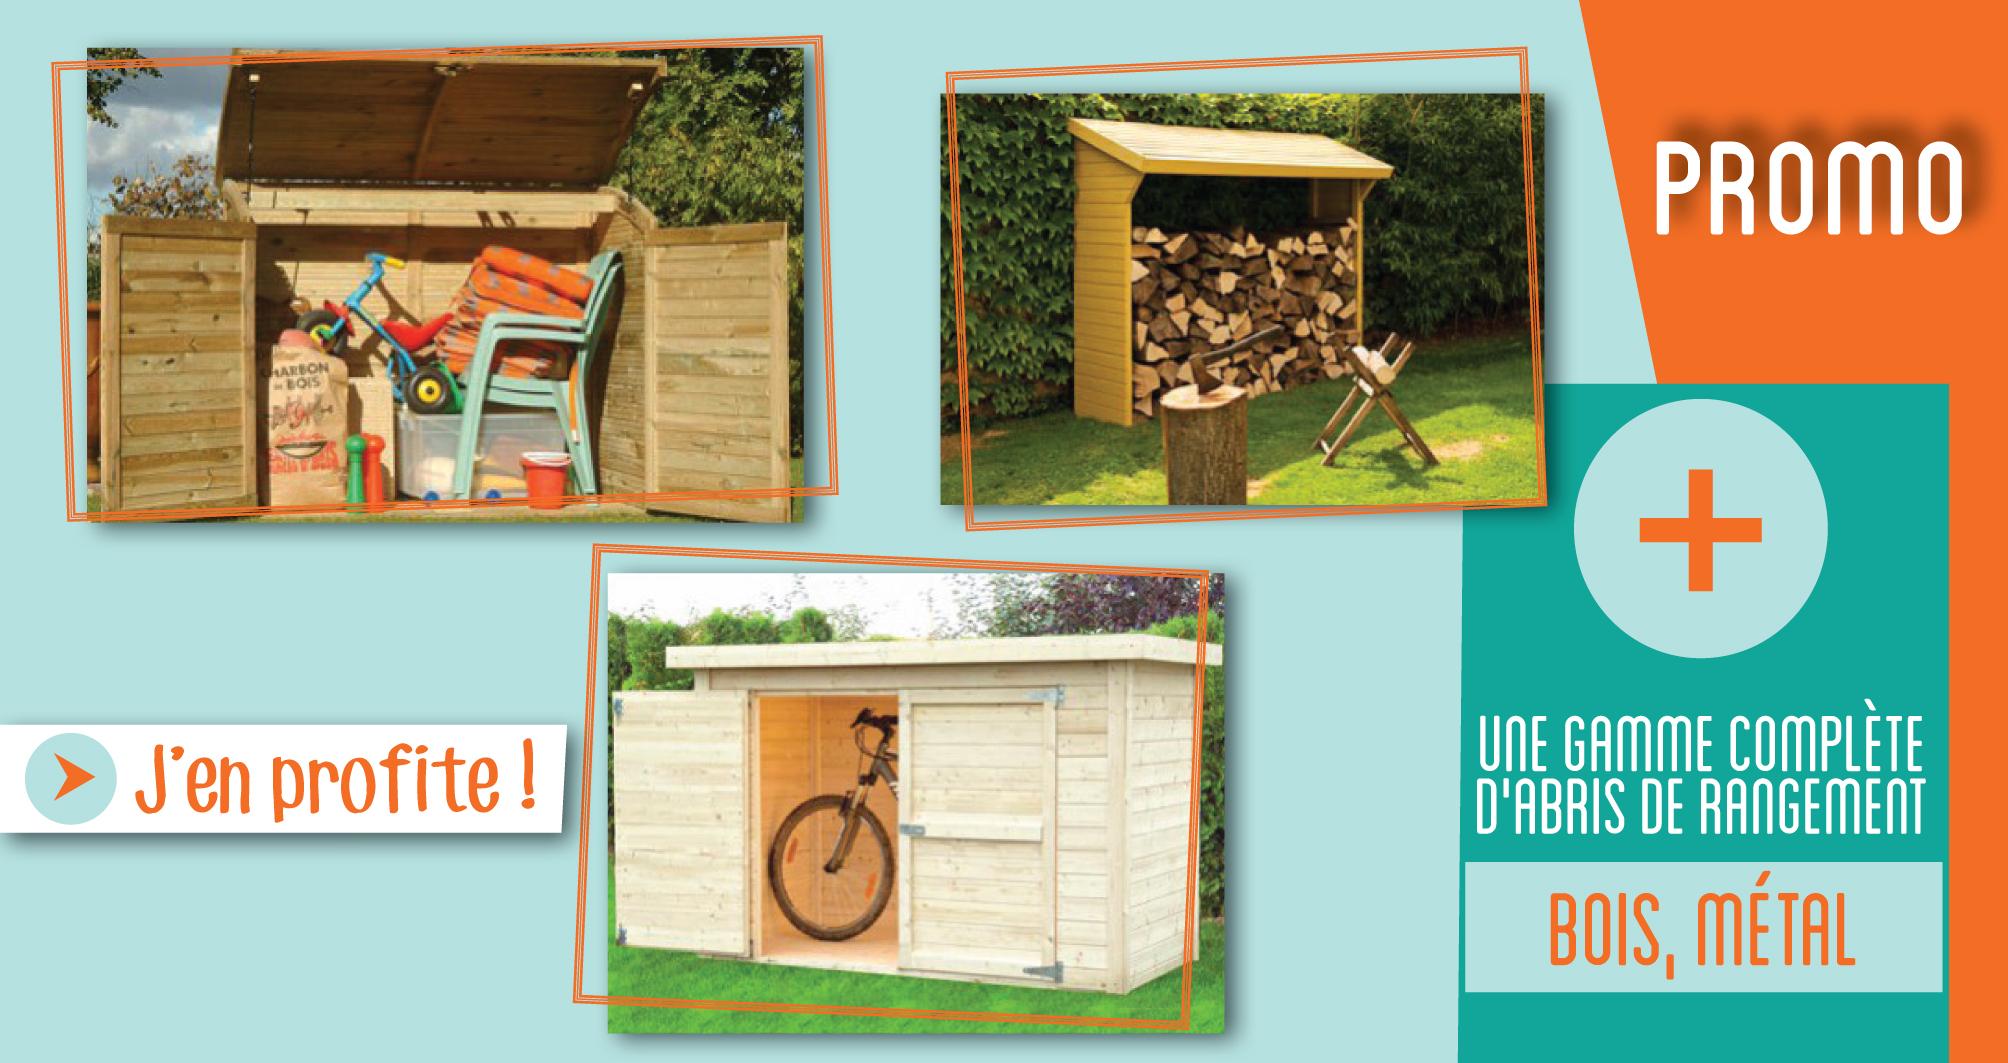 Stockage bois chauffage exterieur fashion designs - Rangement interieur bois de chauffage ...